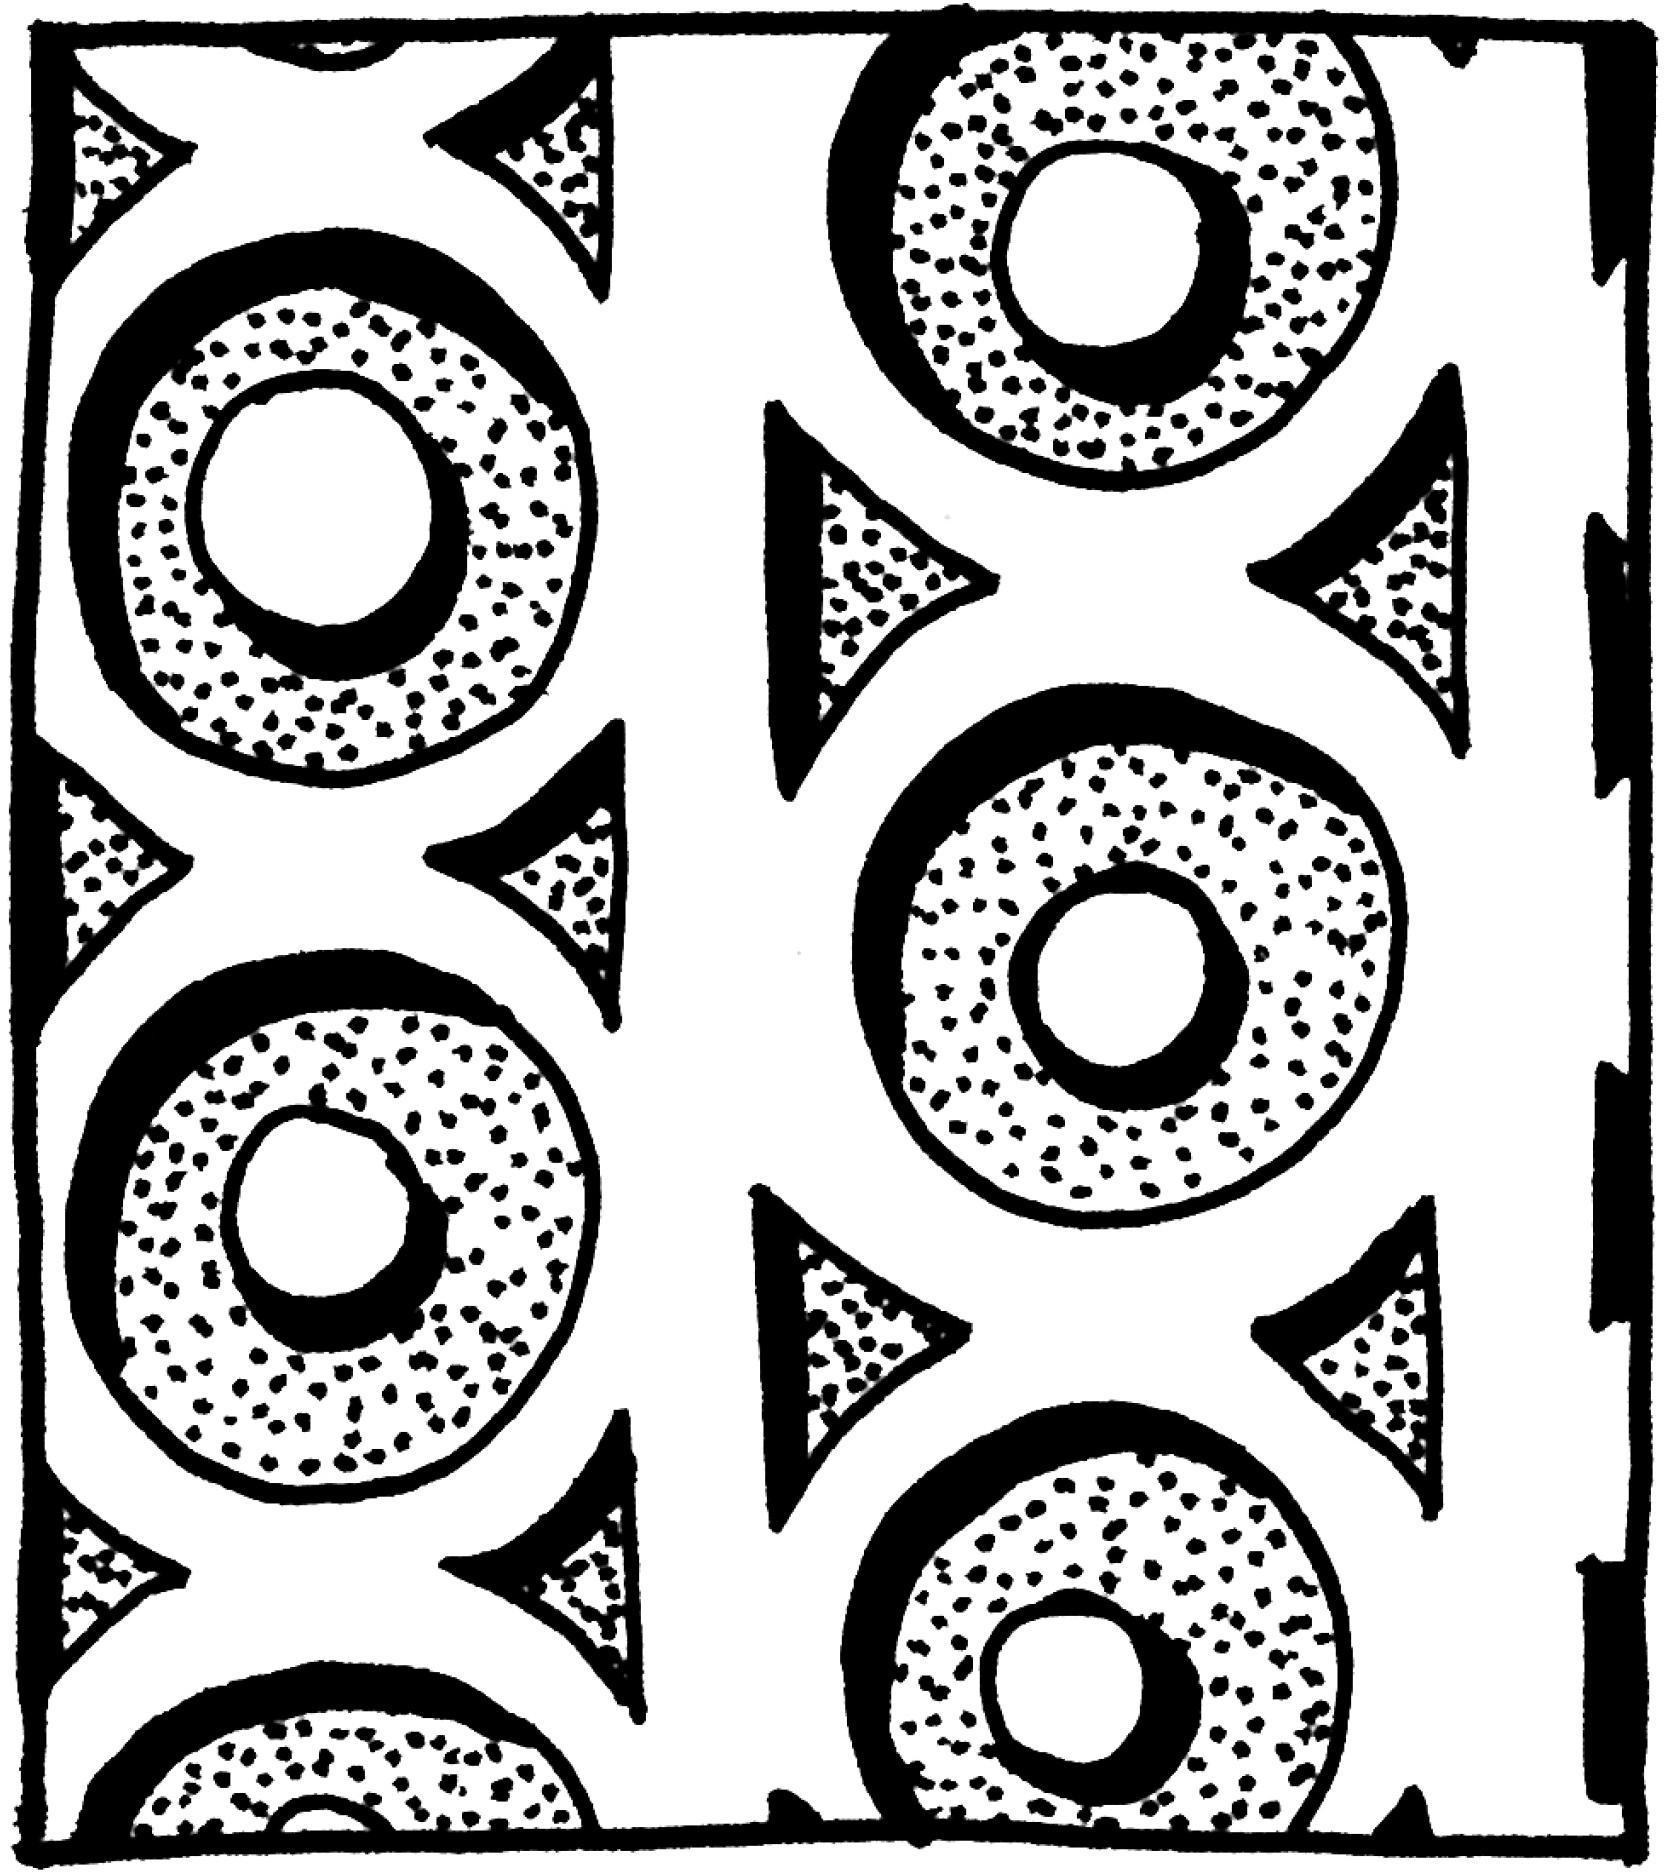 Valencia_patterns28.jpg